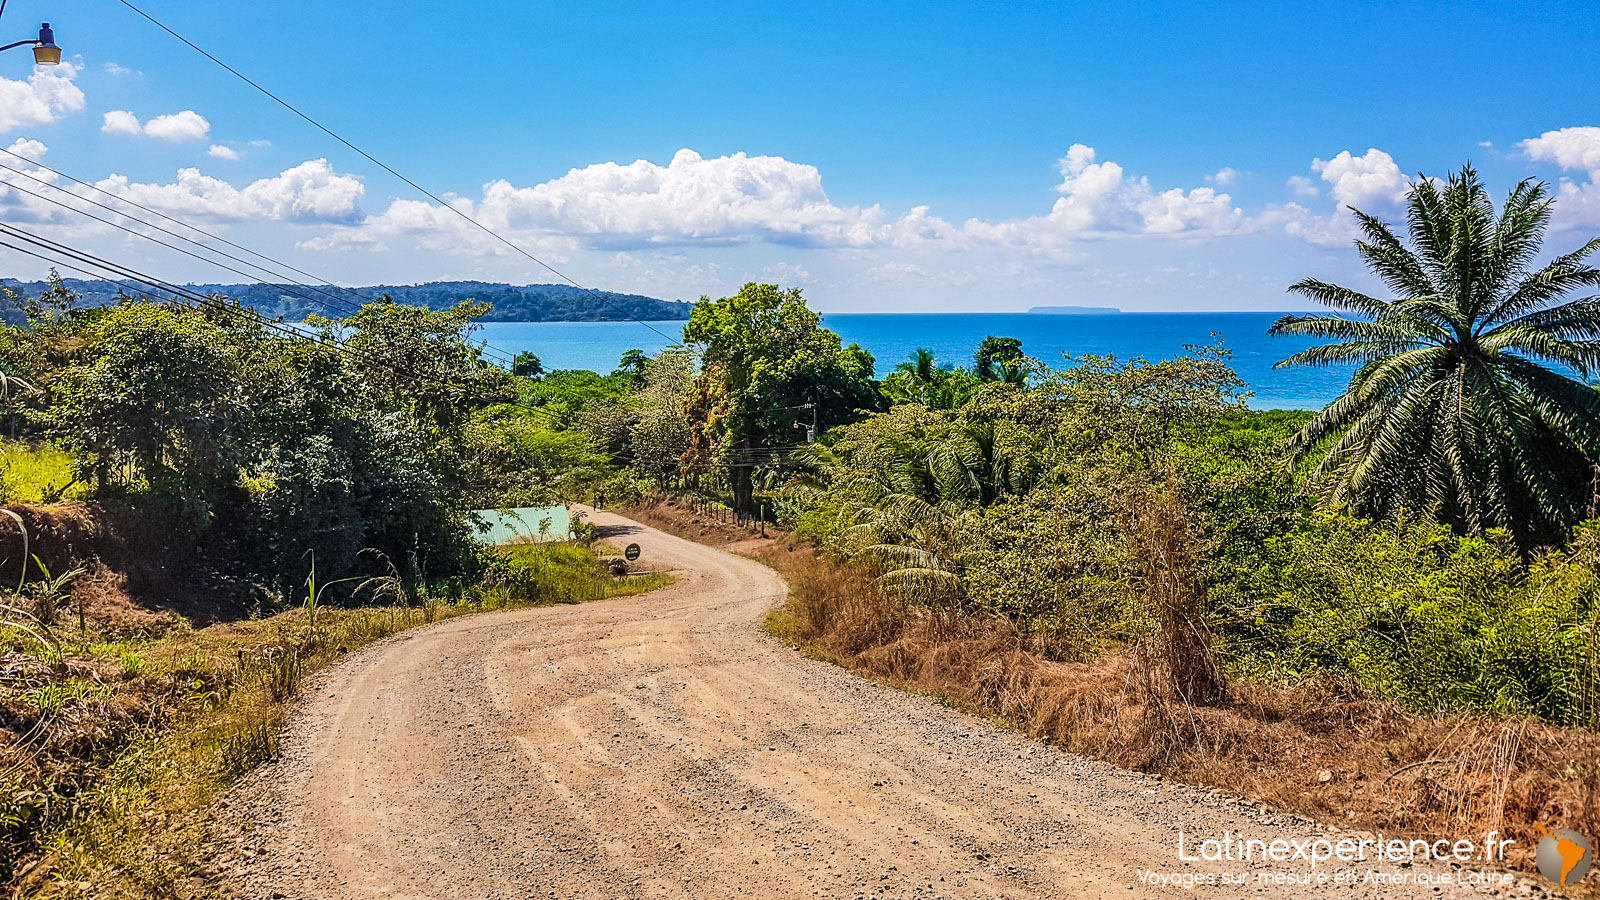 Costa Rica - Drake Bay - Latinexperience voyages